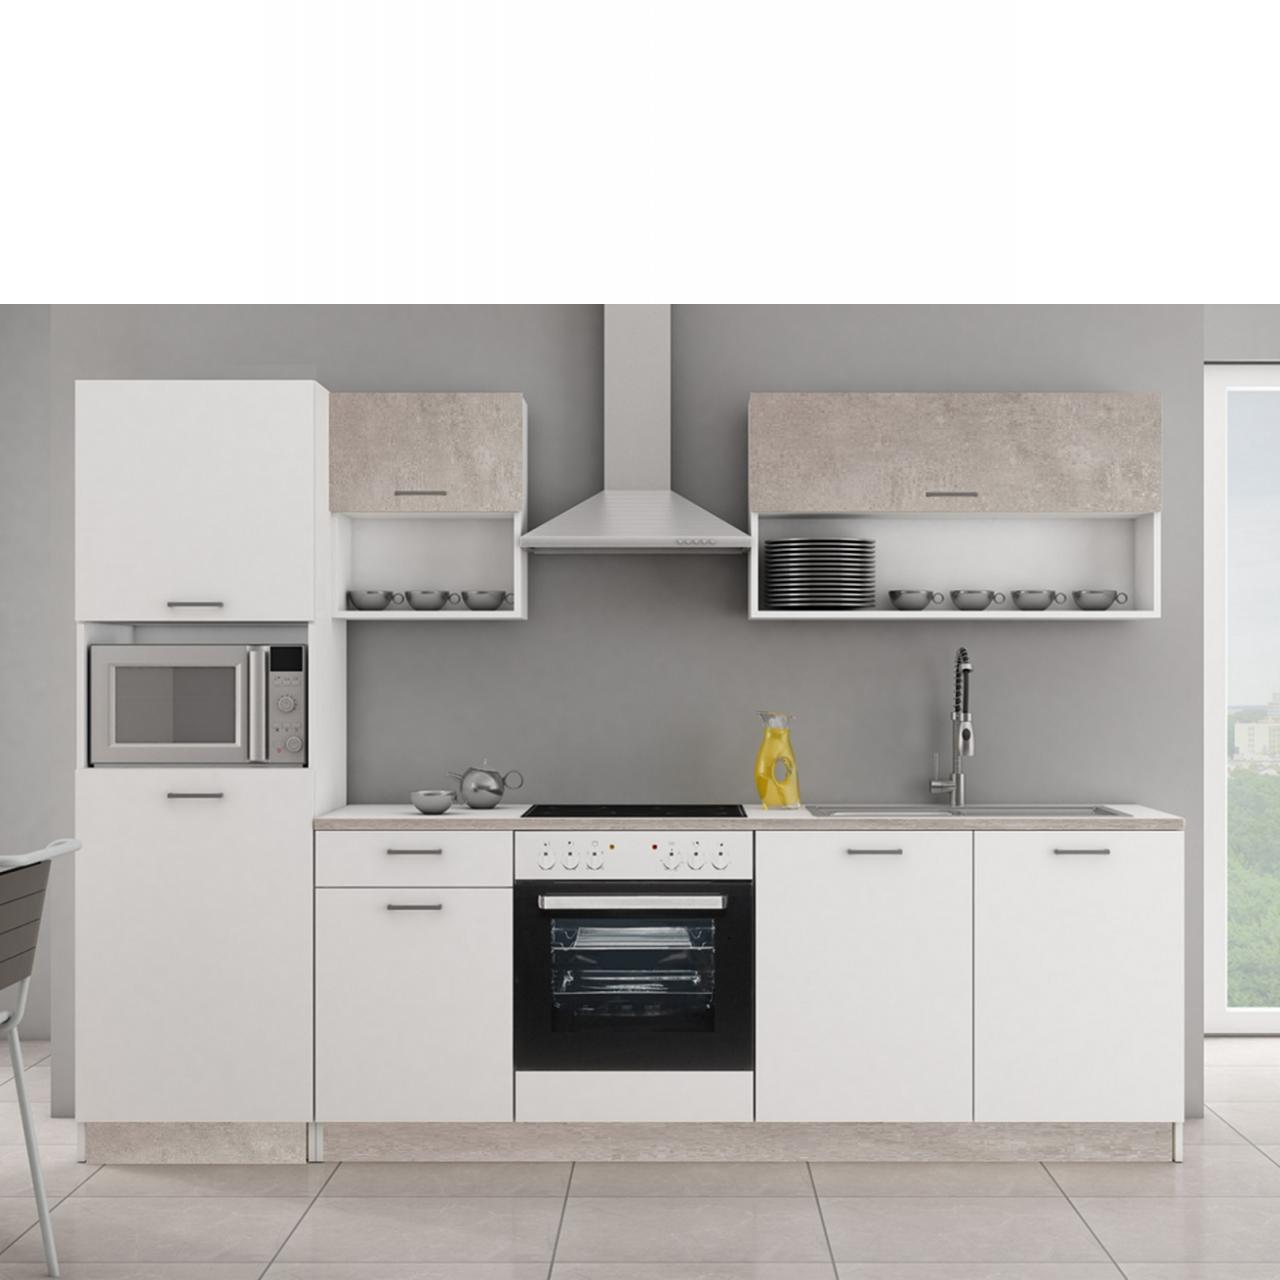 Full Size of Arbeitstisch Küche Industriedesign Kaufen Tipps Wandverkleidung Erweitern Was Kostet Eine Neue Beistelltisch Blende Küchen Regal Niederdruck Armatur Led Wohnzimmer Küche Grau Betonoptik